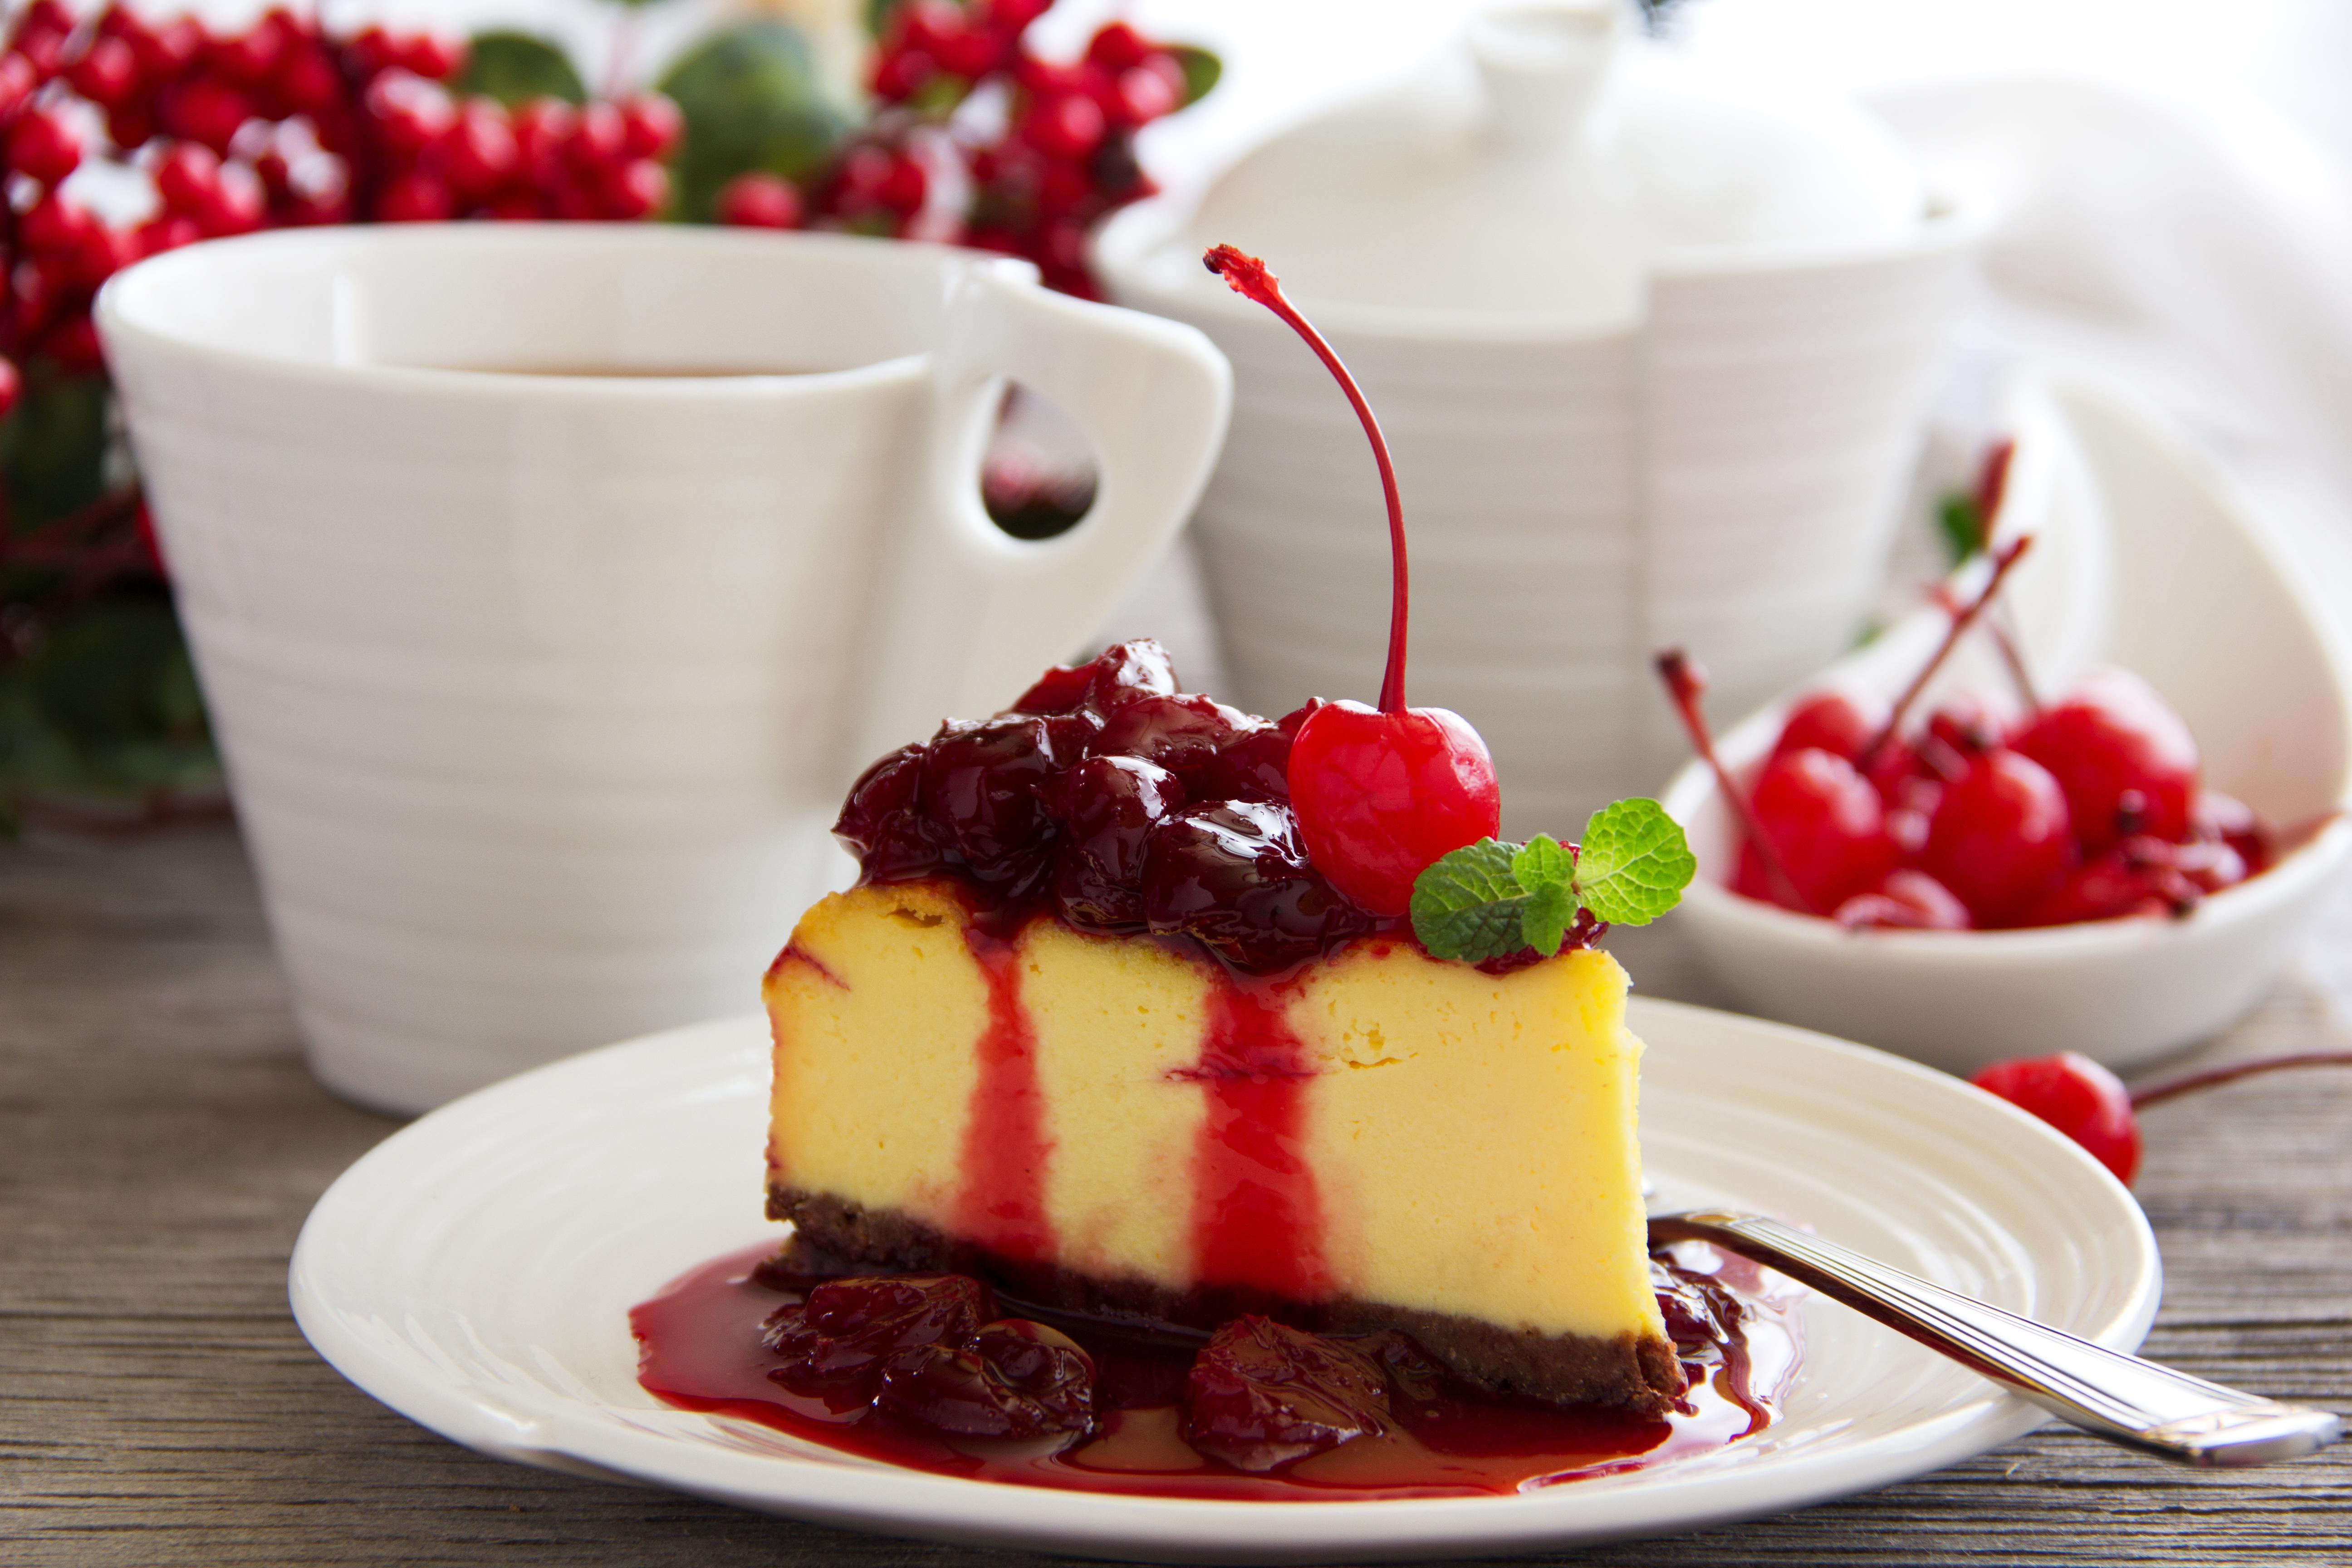 еда чай конфеты яблоки food tea candy apples  № 325829 без смс